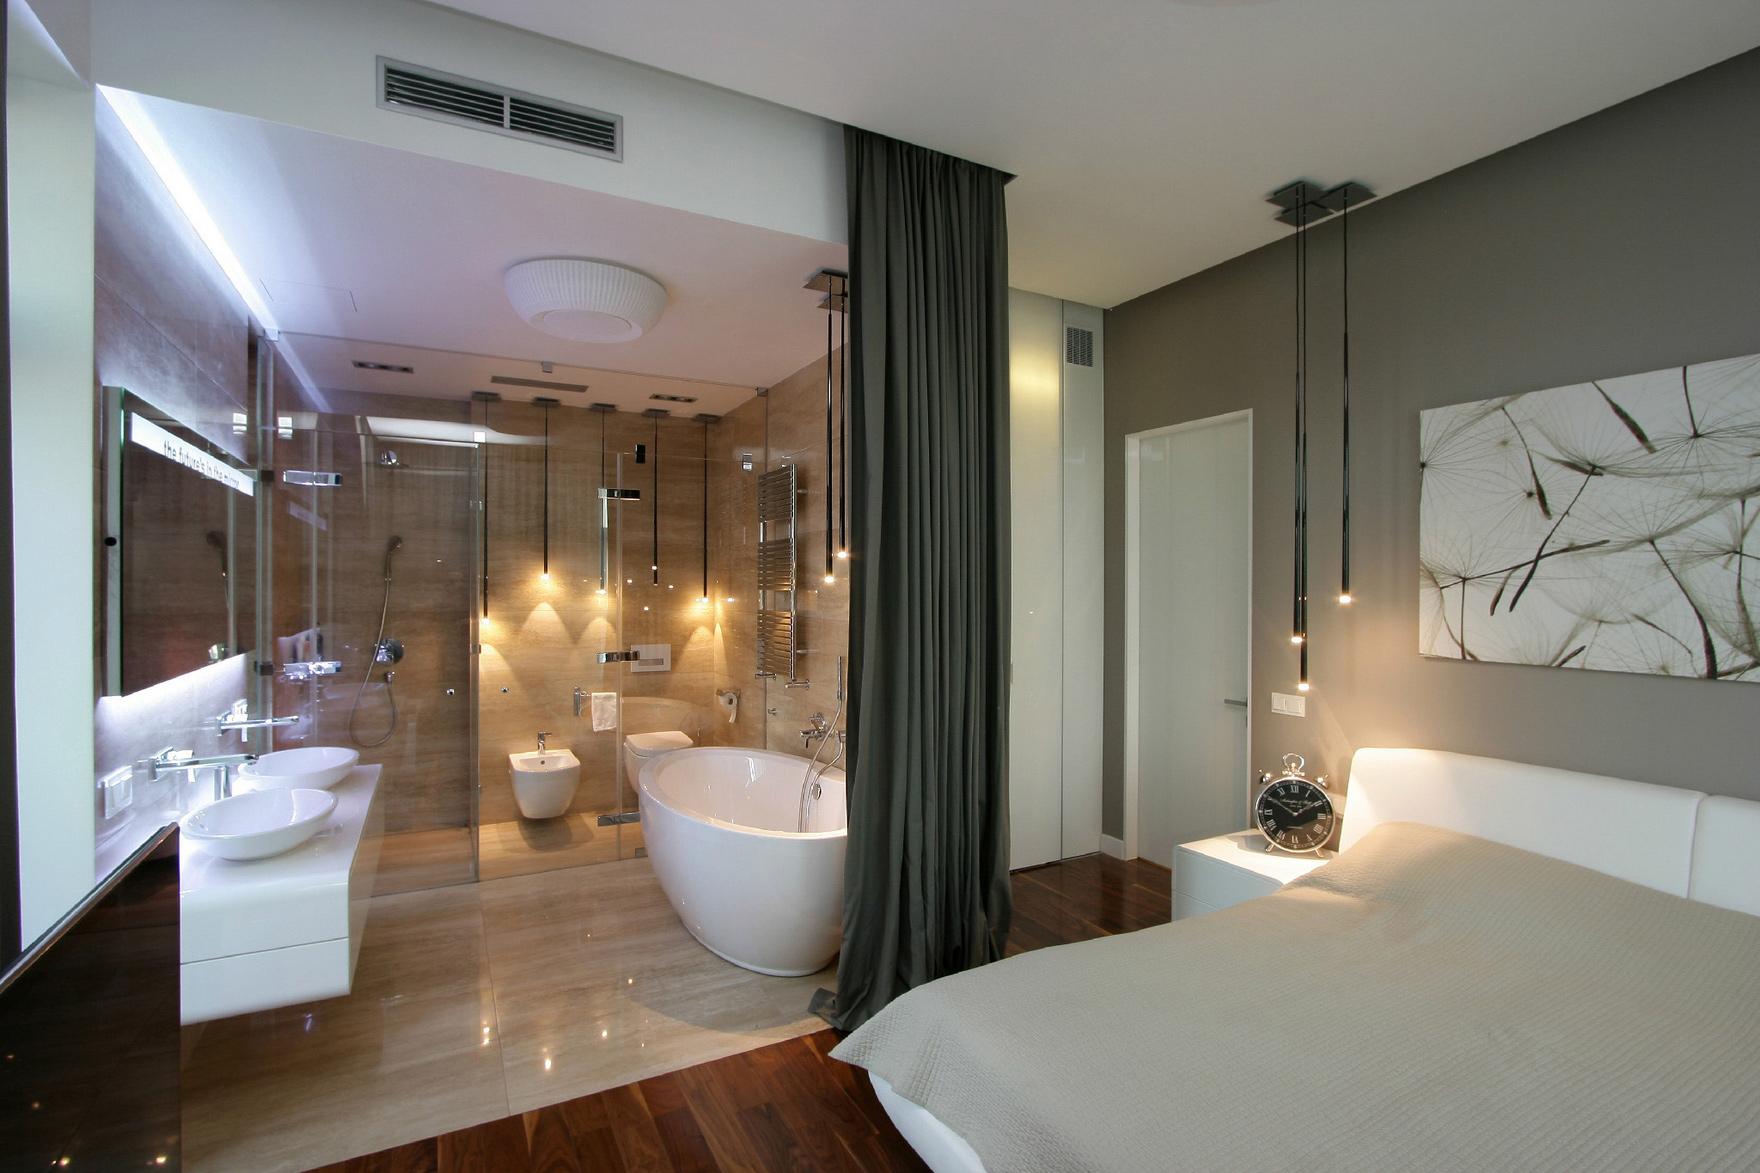 Фото ванных комнат дизайн однокомнатных квартир в